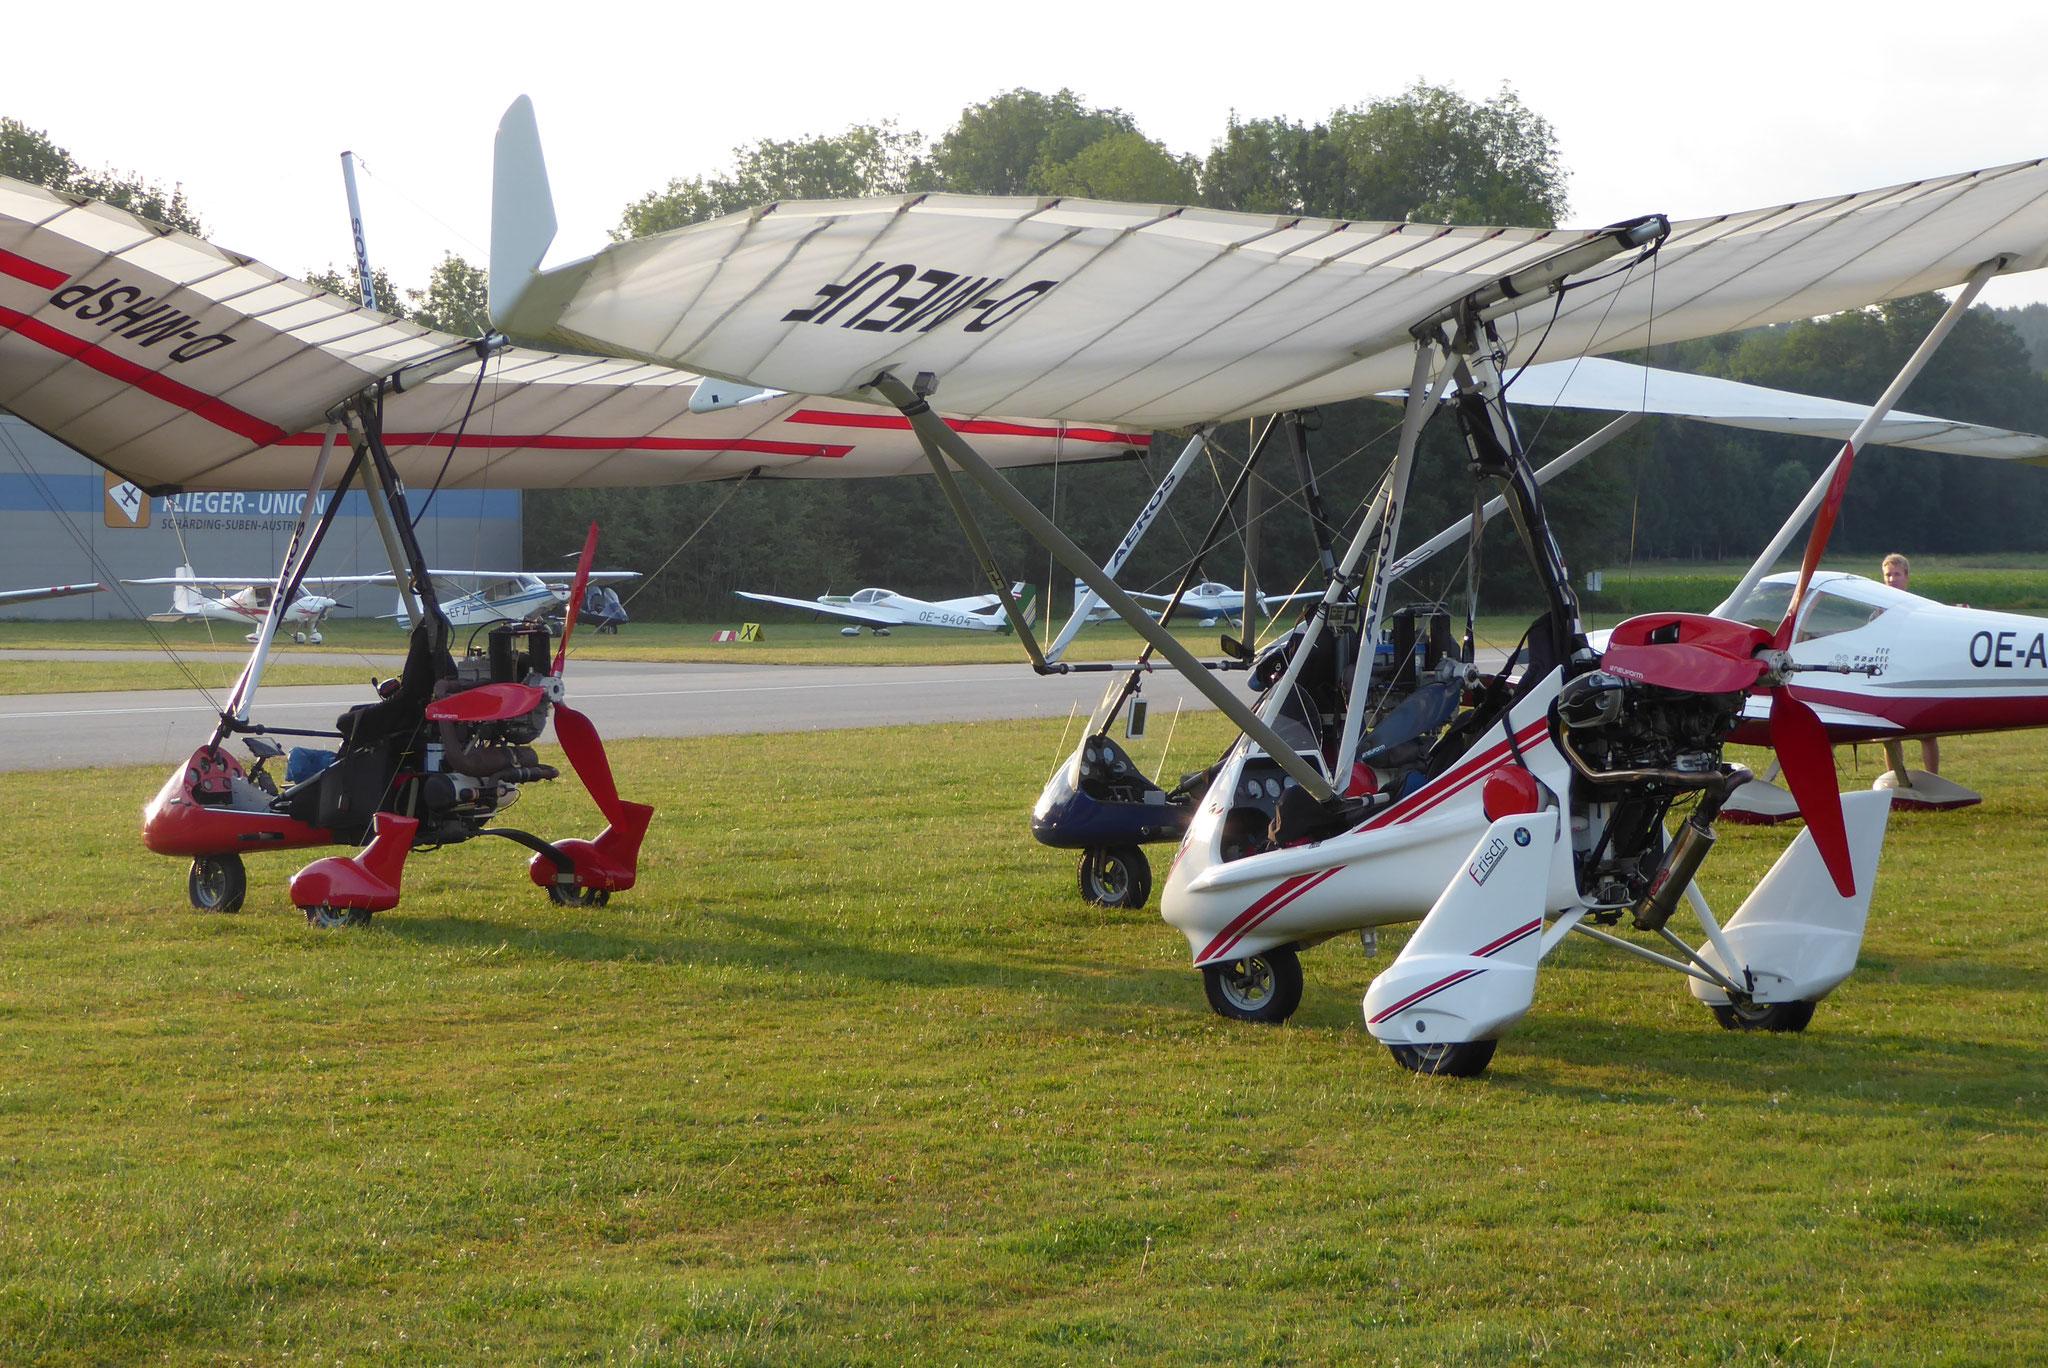 Piloten der Trikes waren warm angezogen